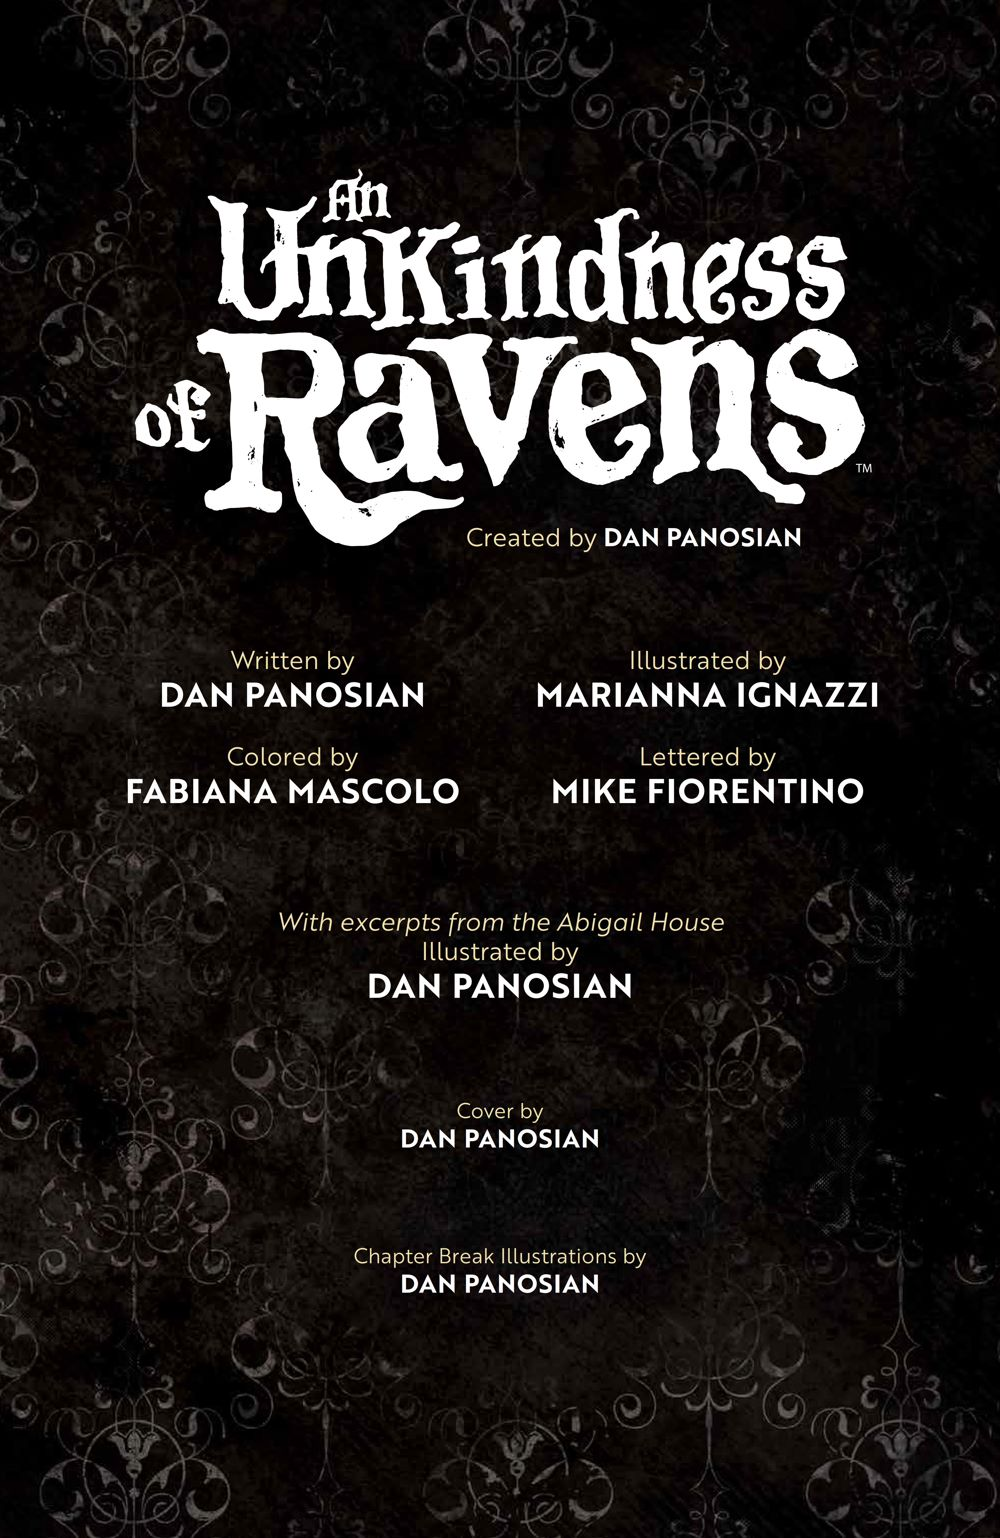 UnkindnessRavens_SC_PRESS_5 ComicList Previews: AN UNKINDNESS OF RAVENS TP